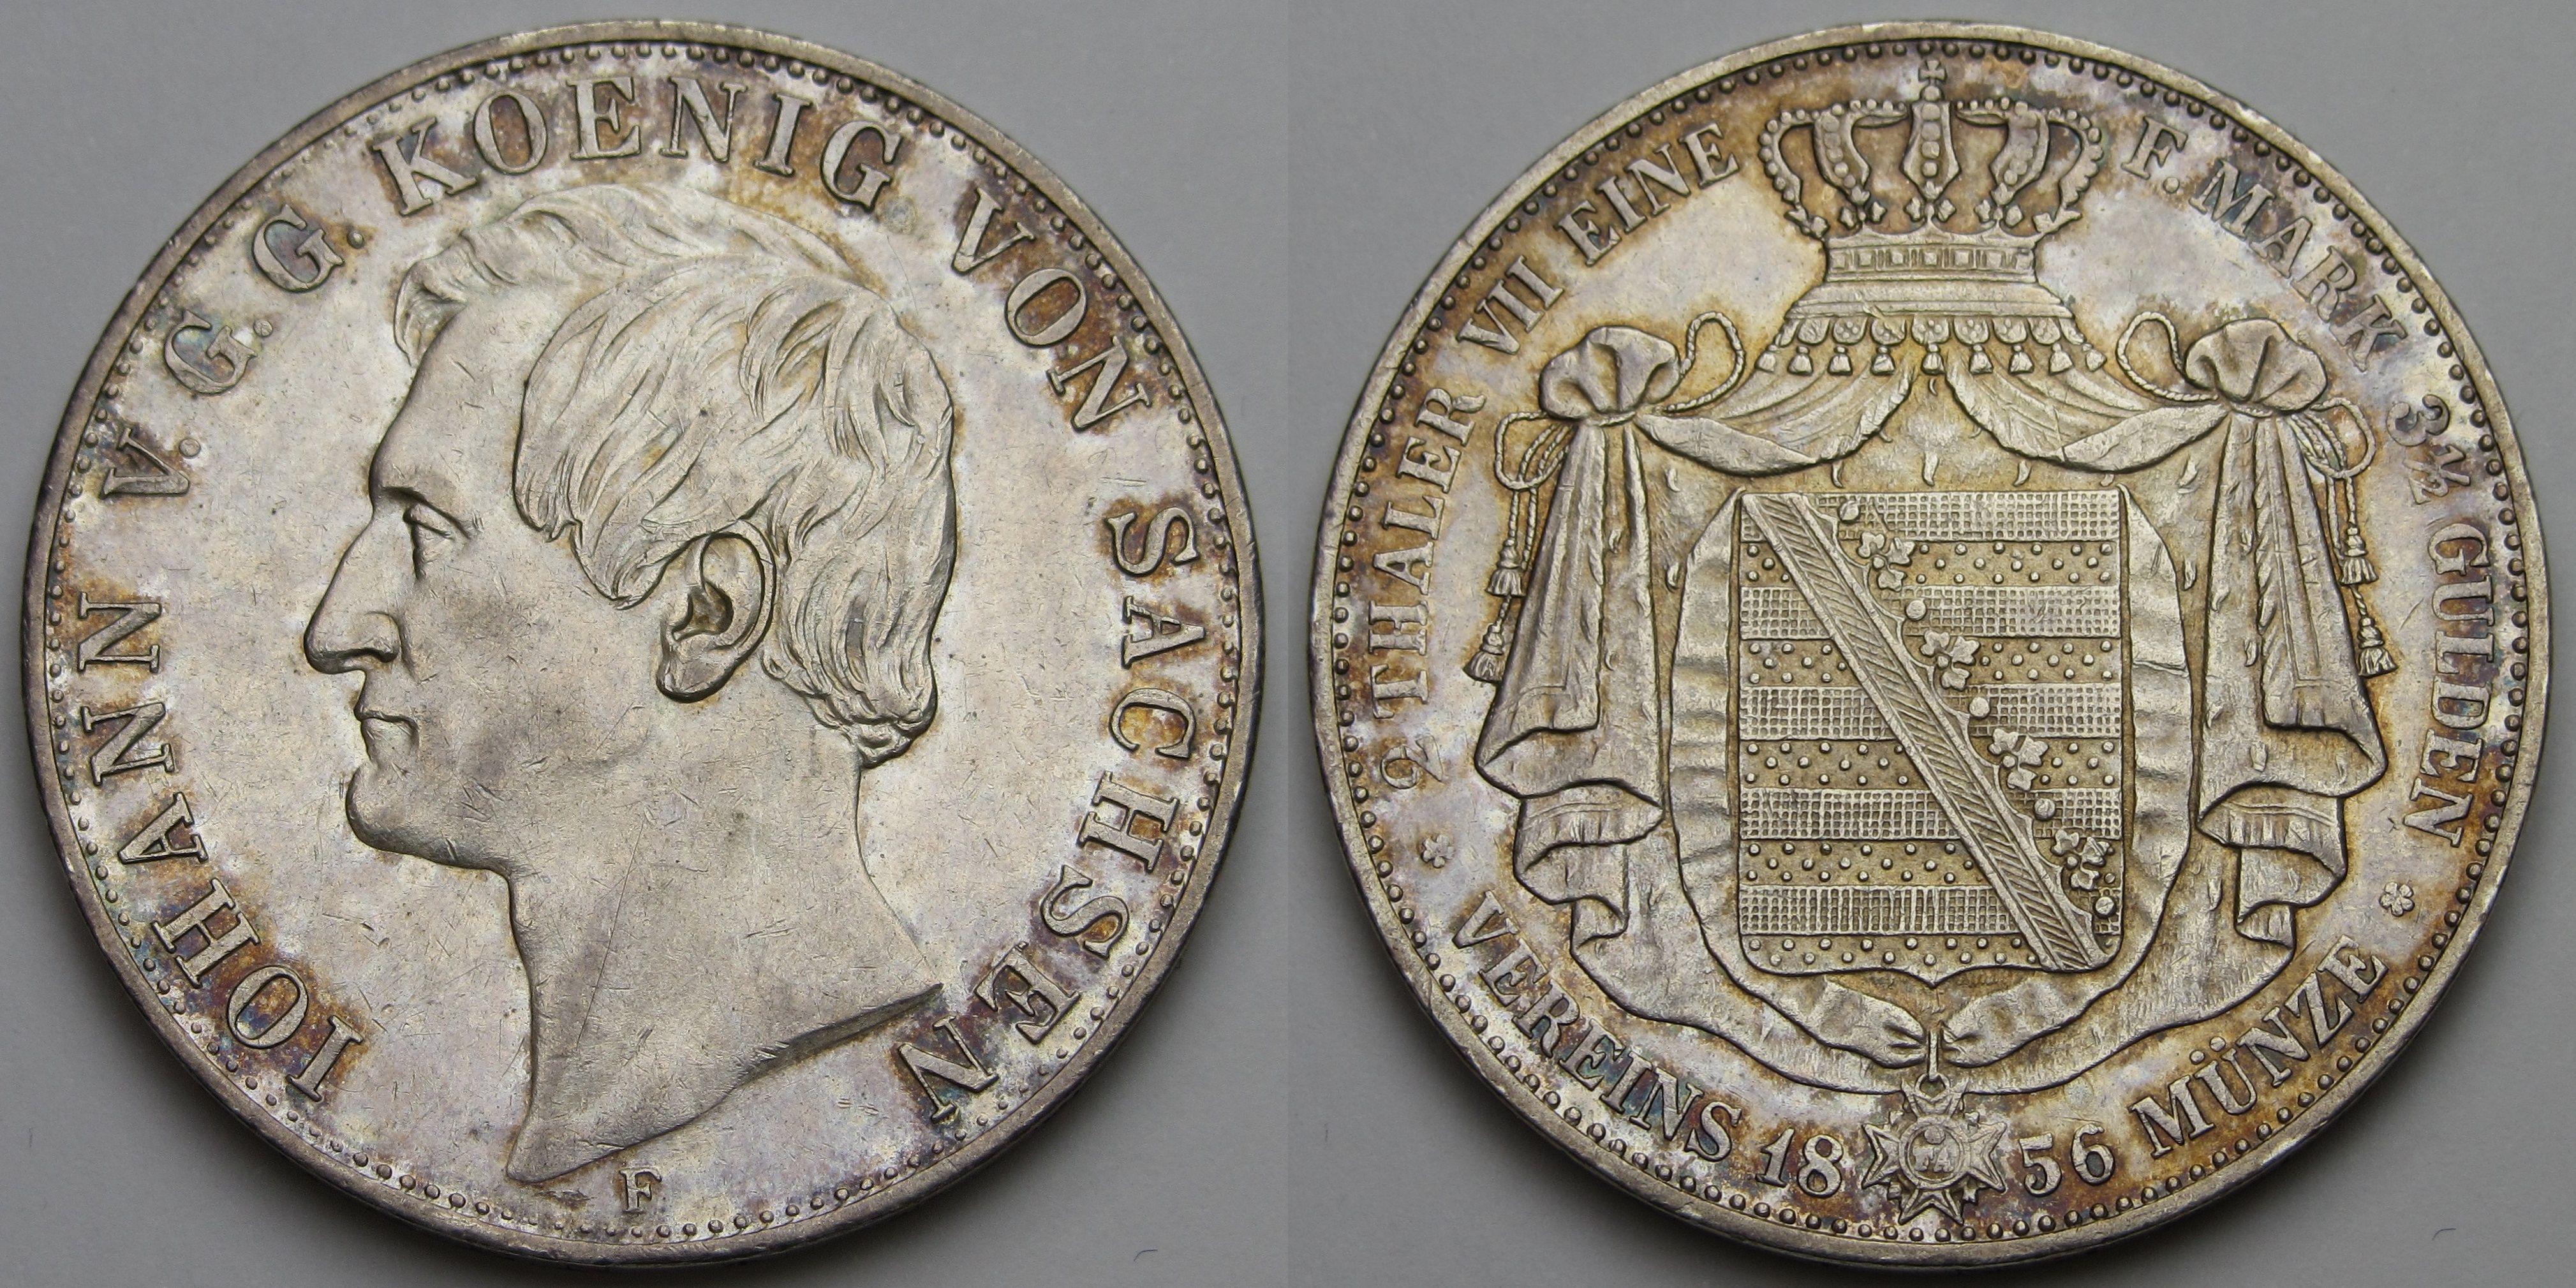 1856 Doppeltaler.jpg